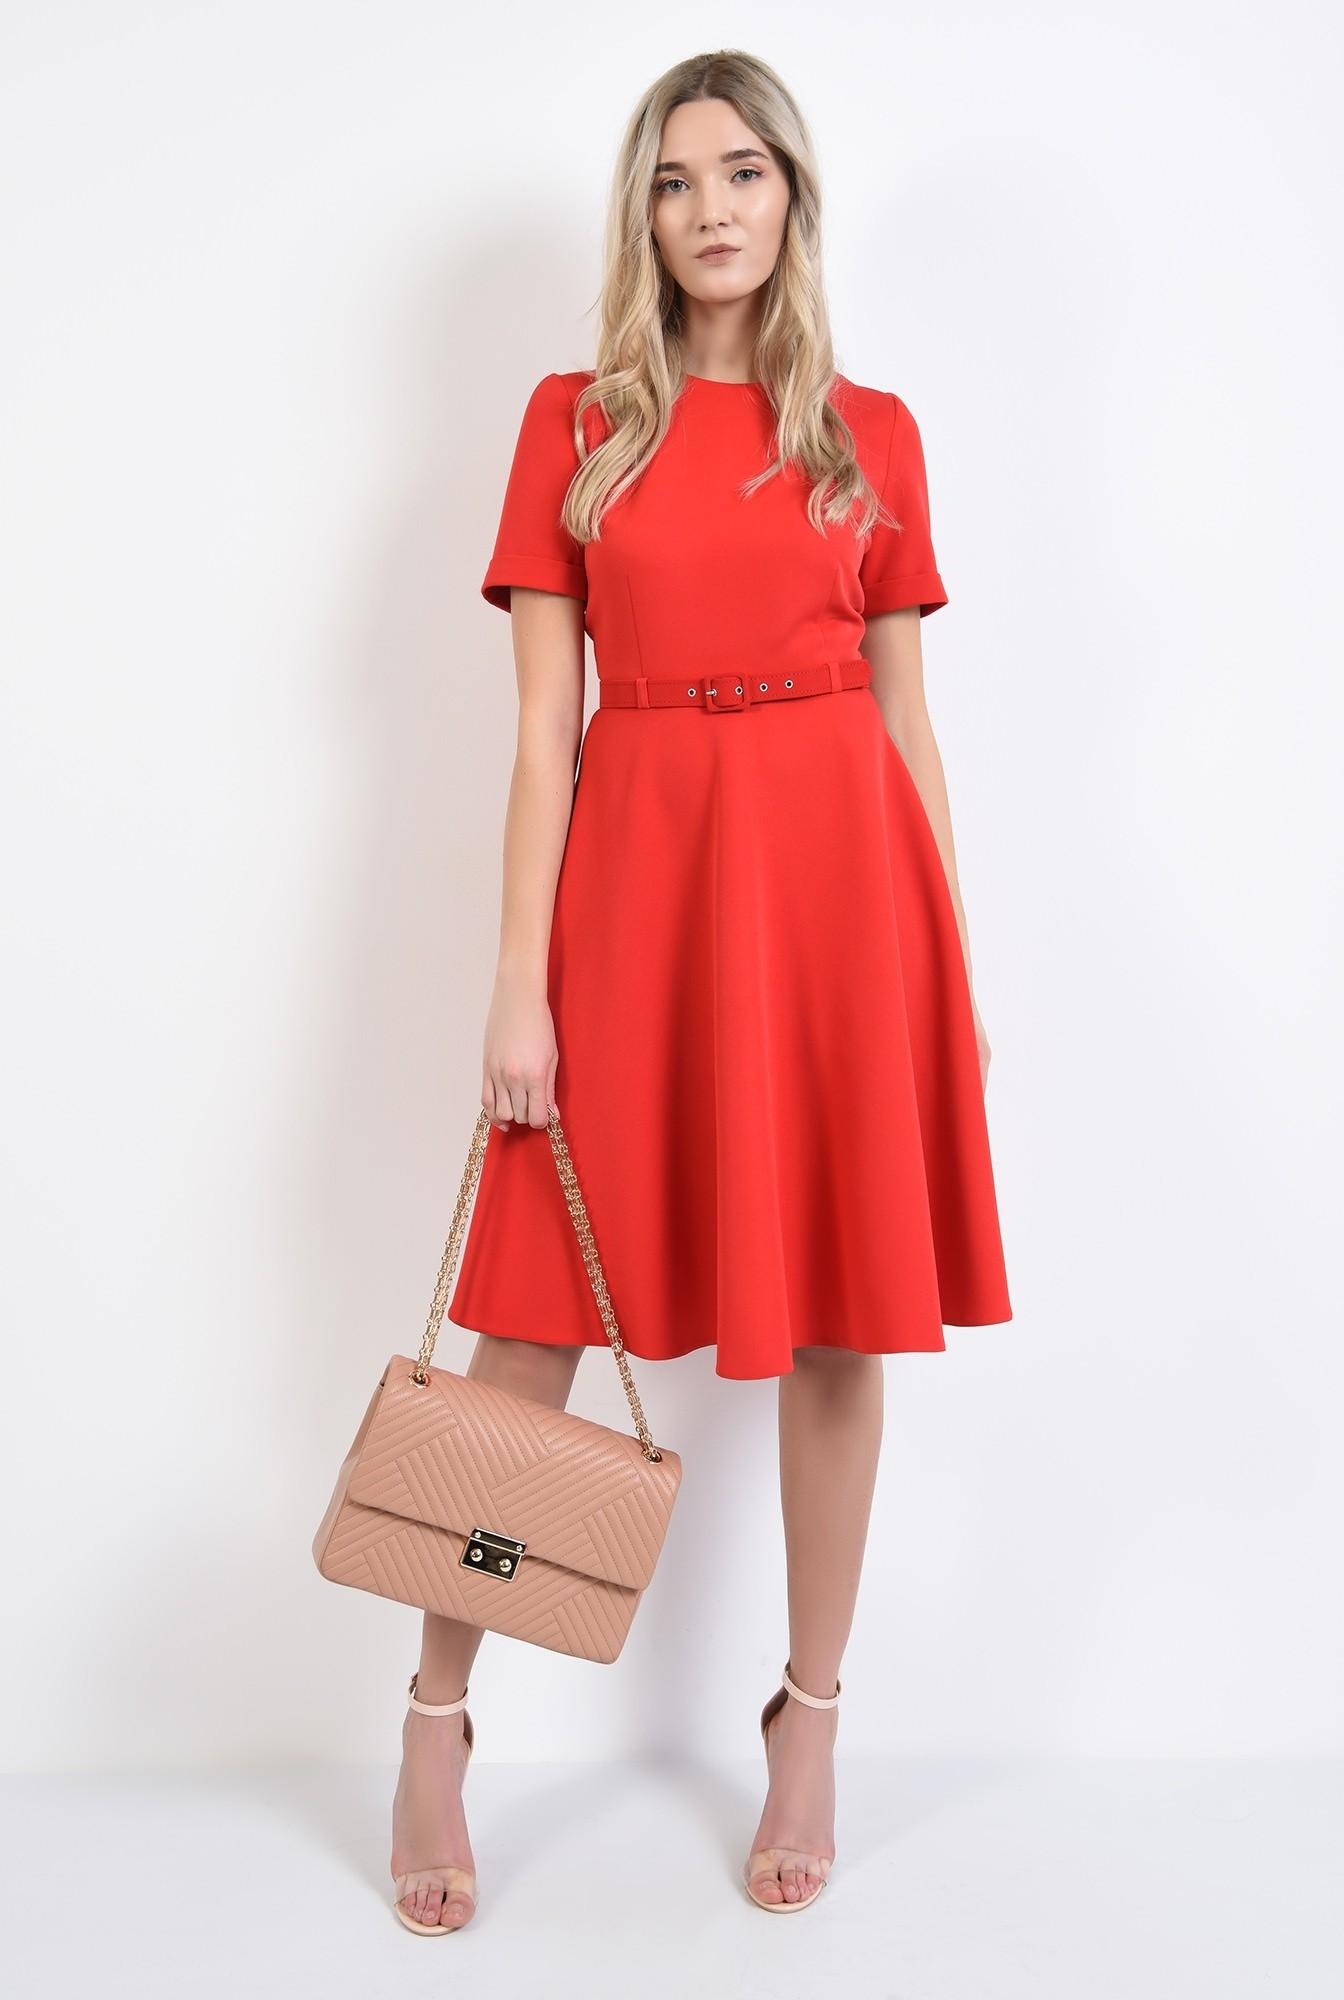 3 - rochie office, rosie, evazata, cu maneci scurte, fermoar la spate